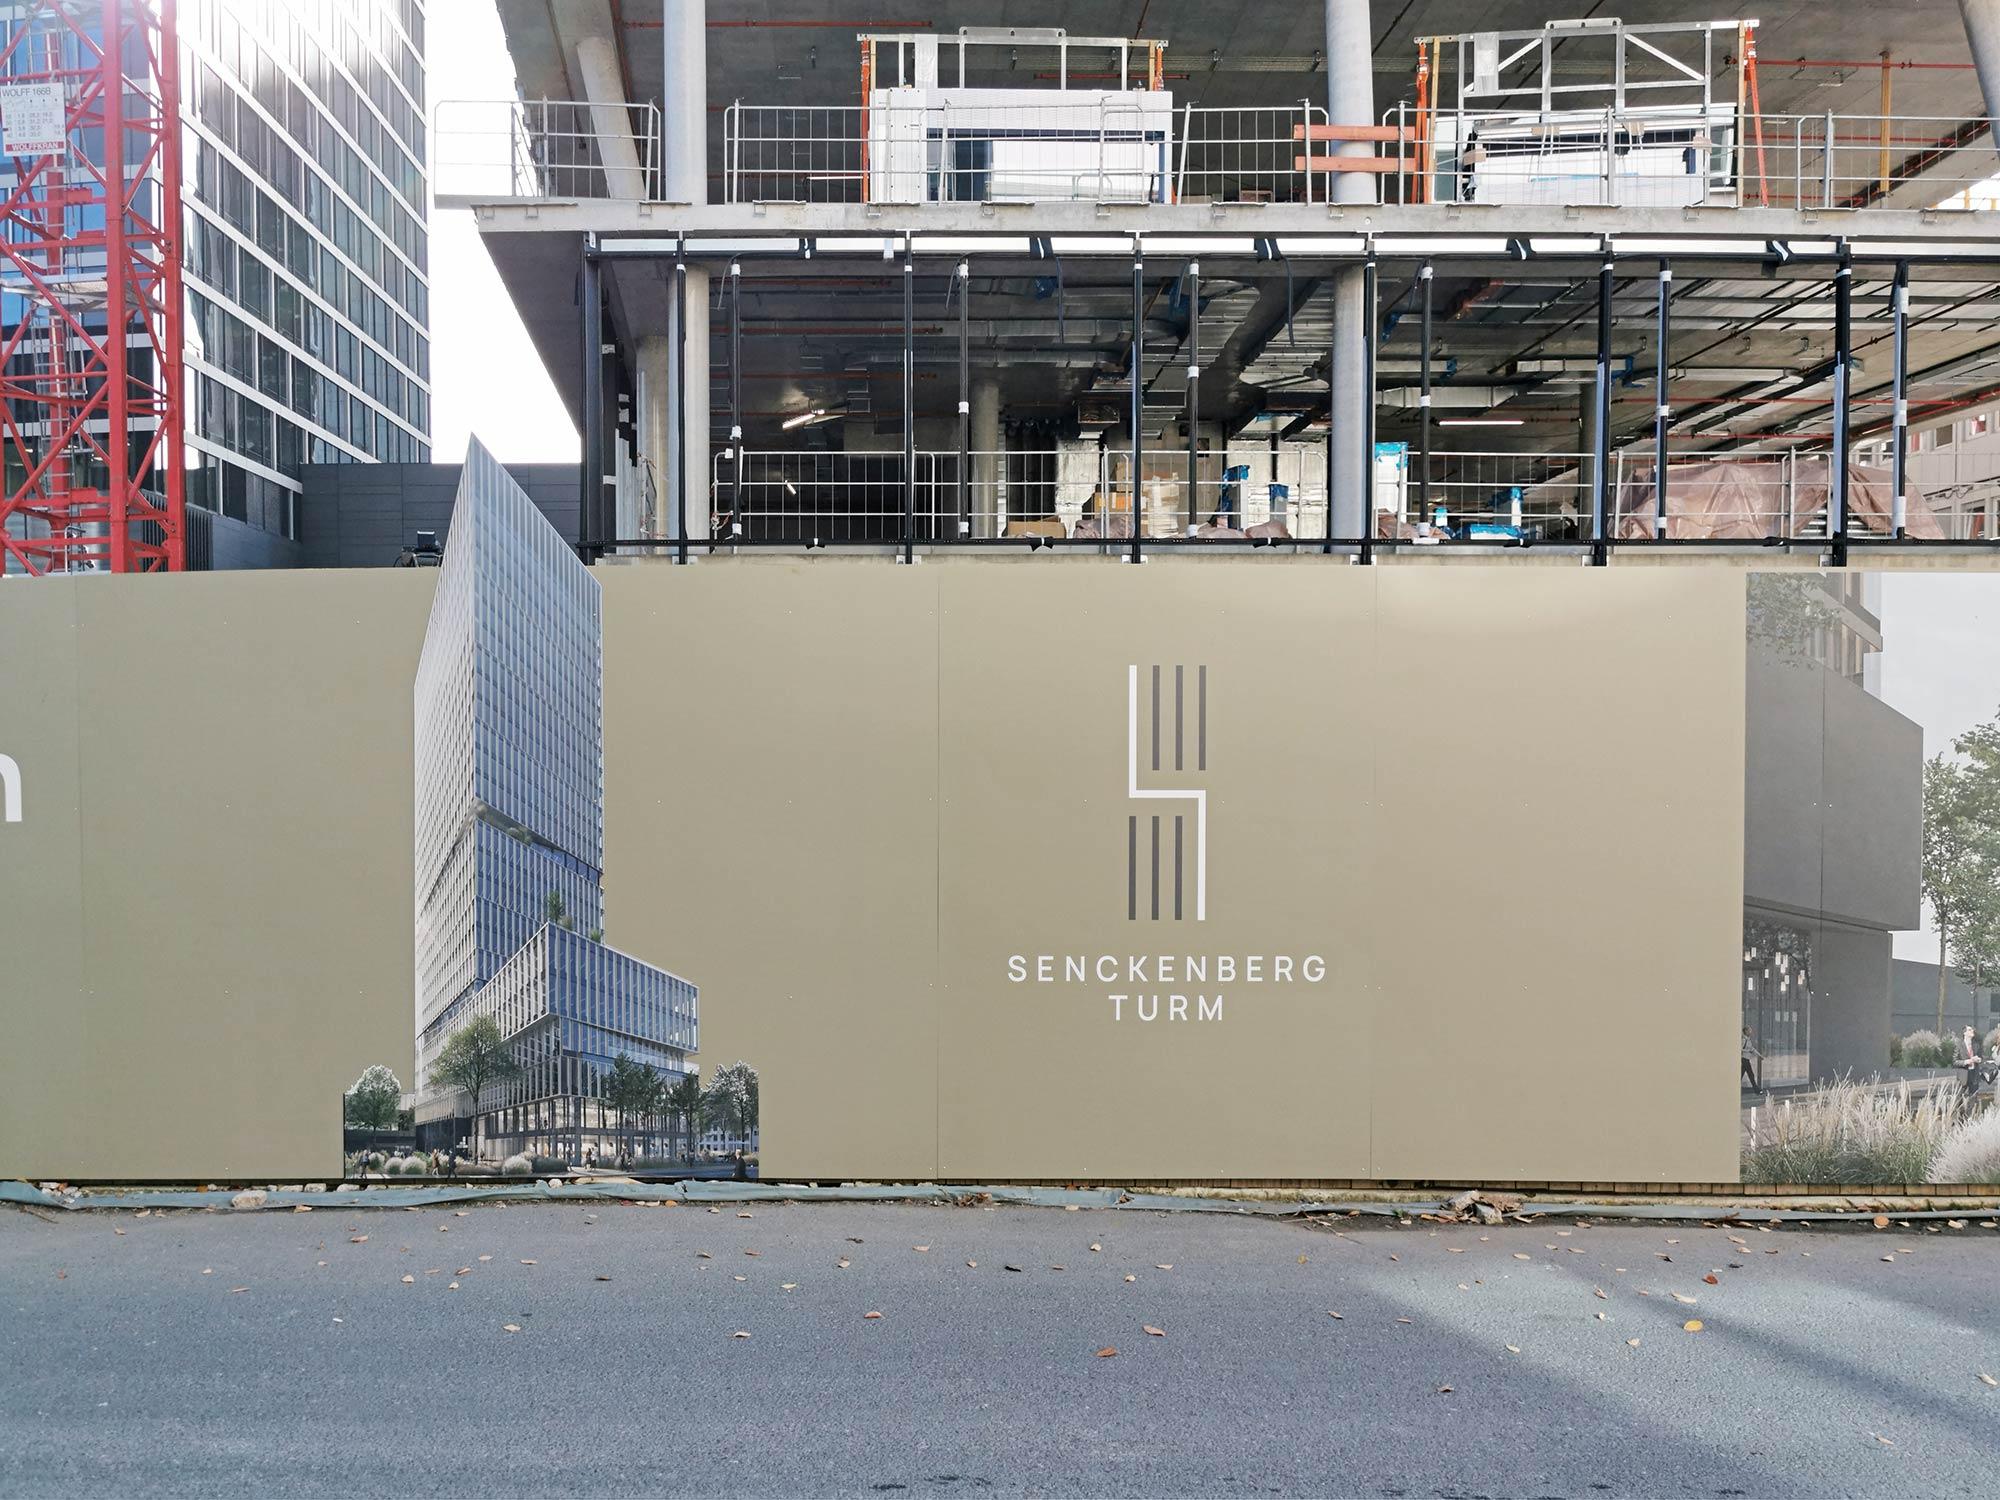 Neuer Name: 99 West heißt jetzt Senckenberg-Turm